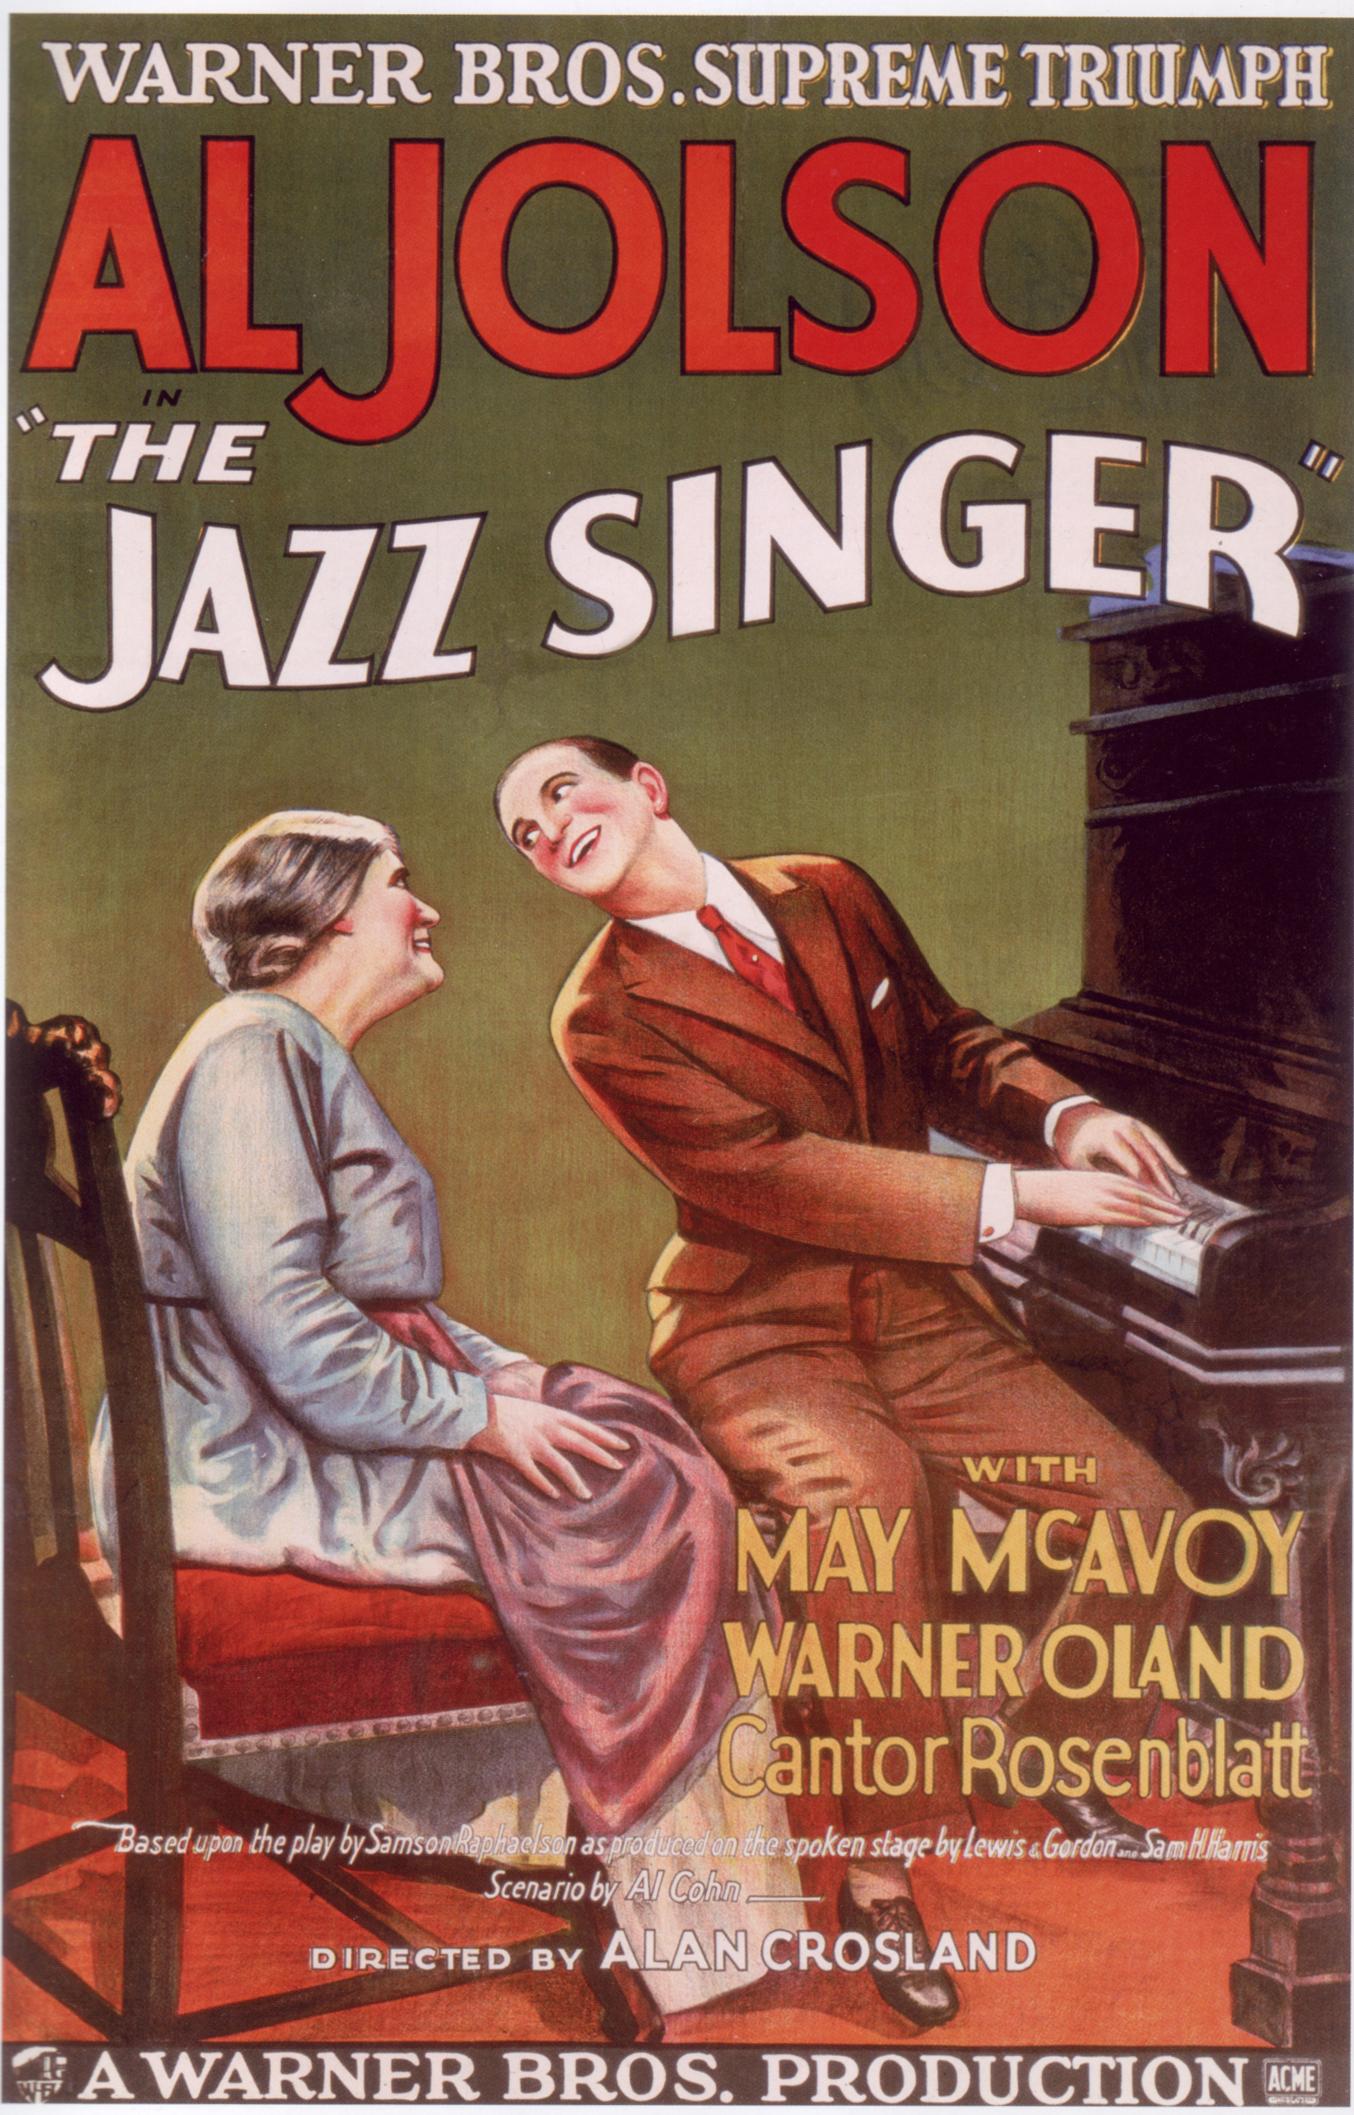 <em>A dzsesszénekes</em> (The Jazz Singer. Alan Crosland, 1927)